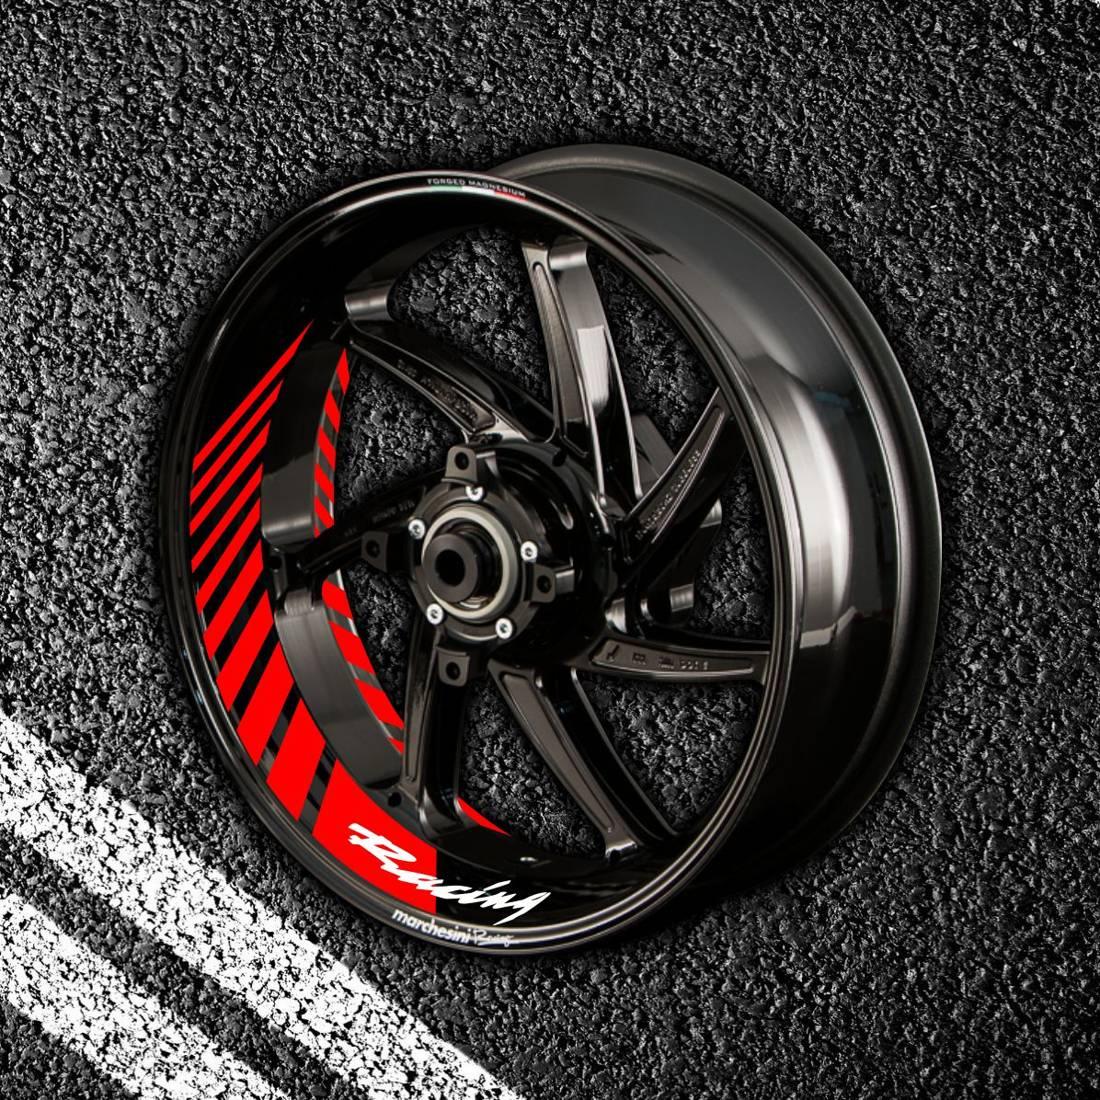 Комплект наклеек с полосами на колеса мотоцикла HONDA RACING